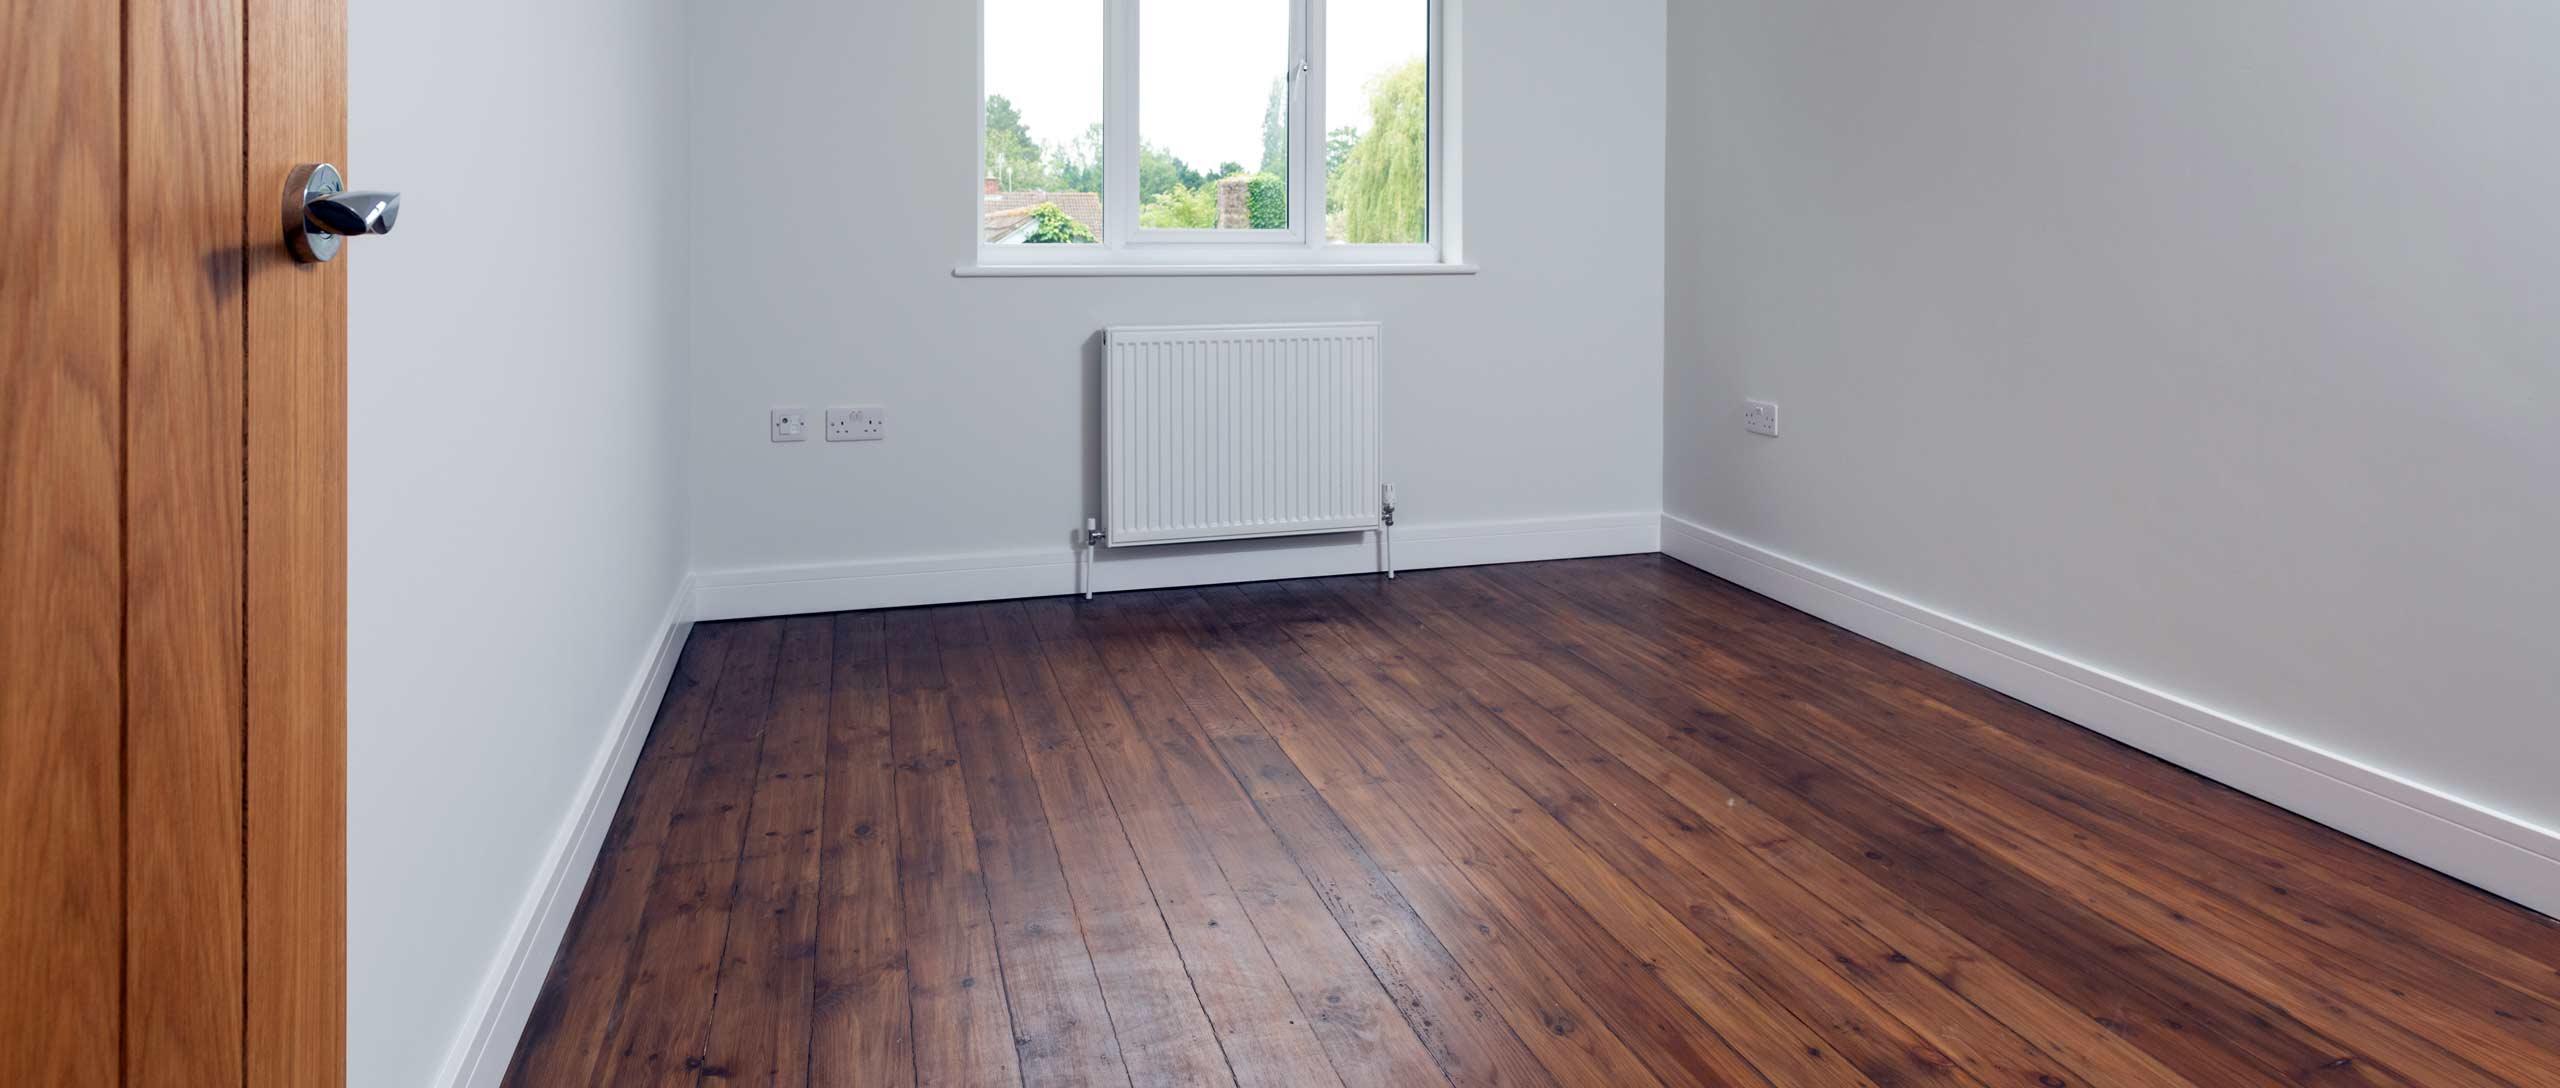 New hardwood floor in empty bedroom